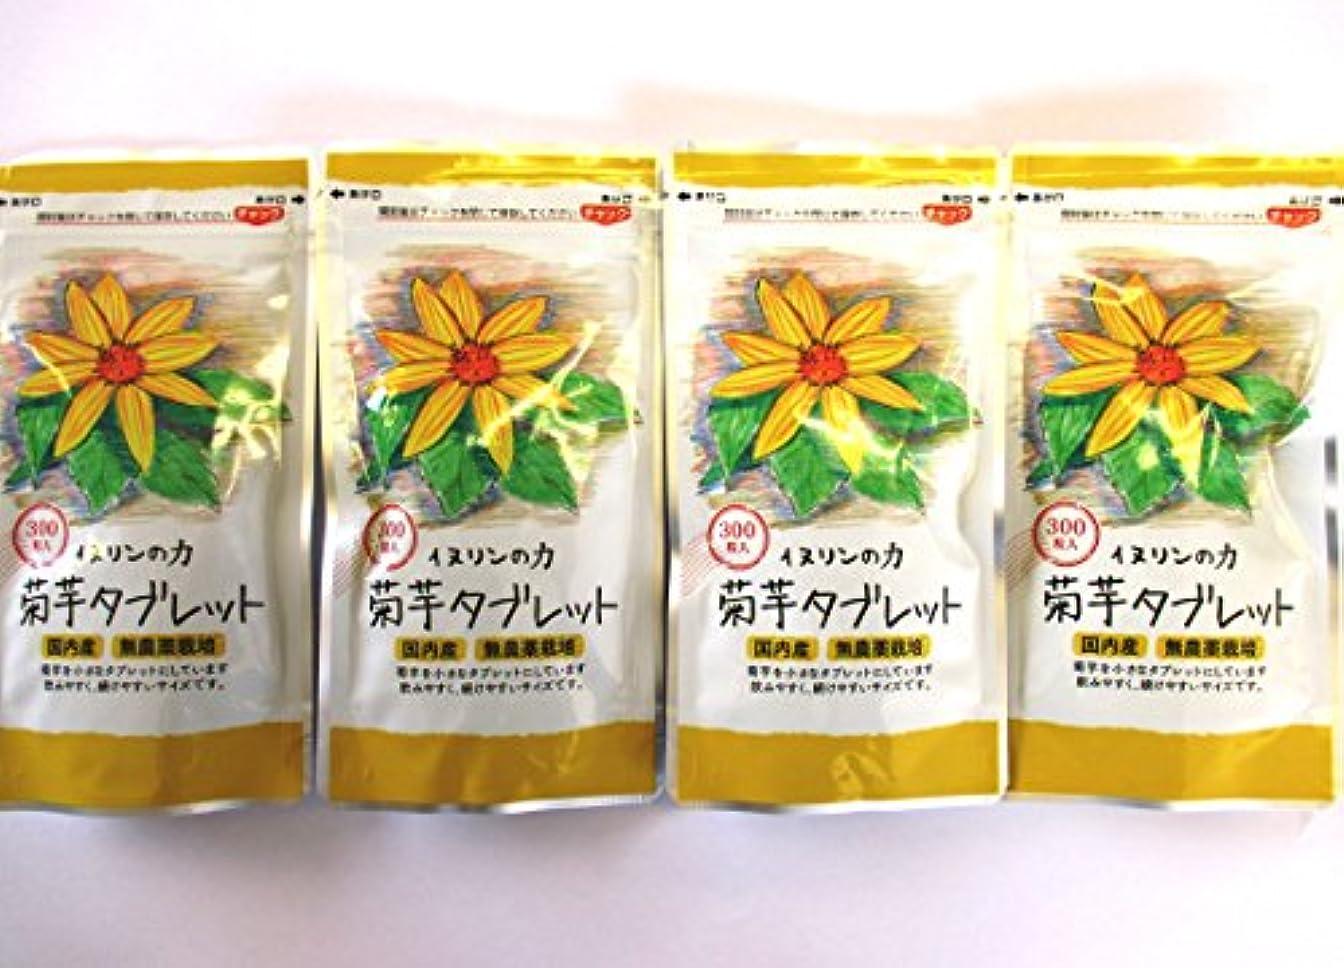 肉負担メキシコ菊芋タブレット 250mg×300粒 4個セット 内容量:300g ★4袋で生菊芋=2640g分相当です!